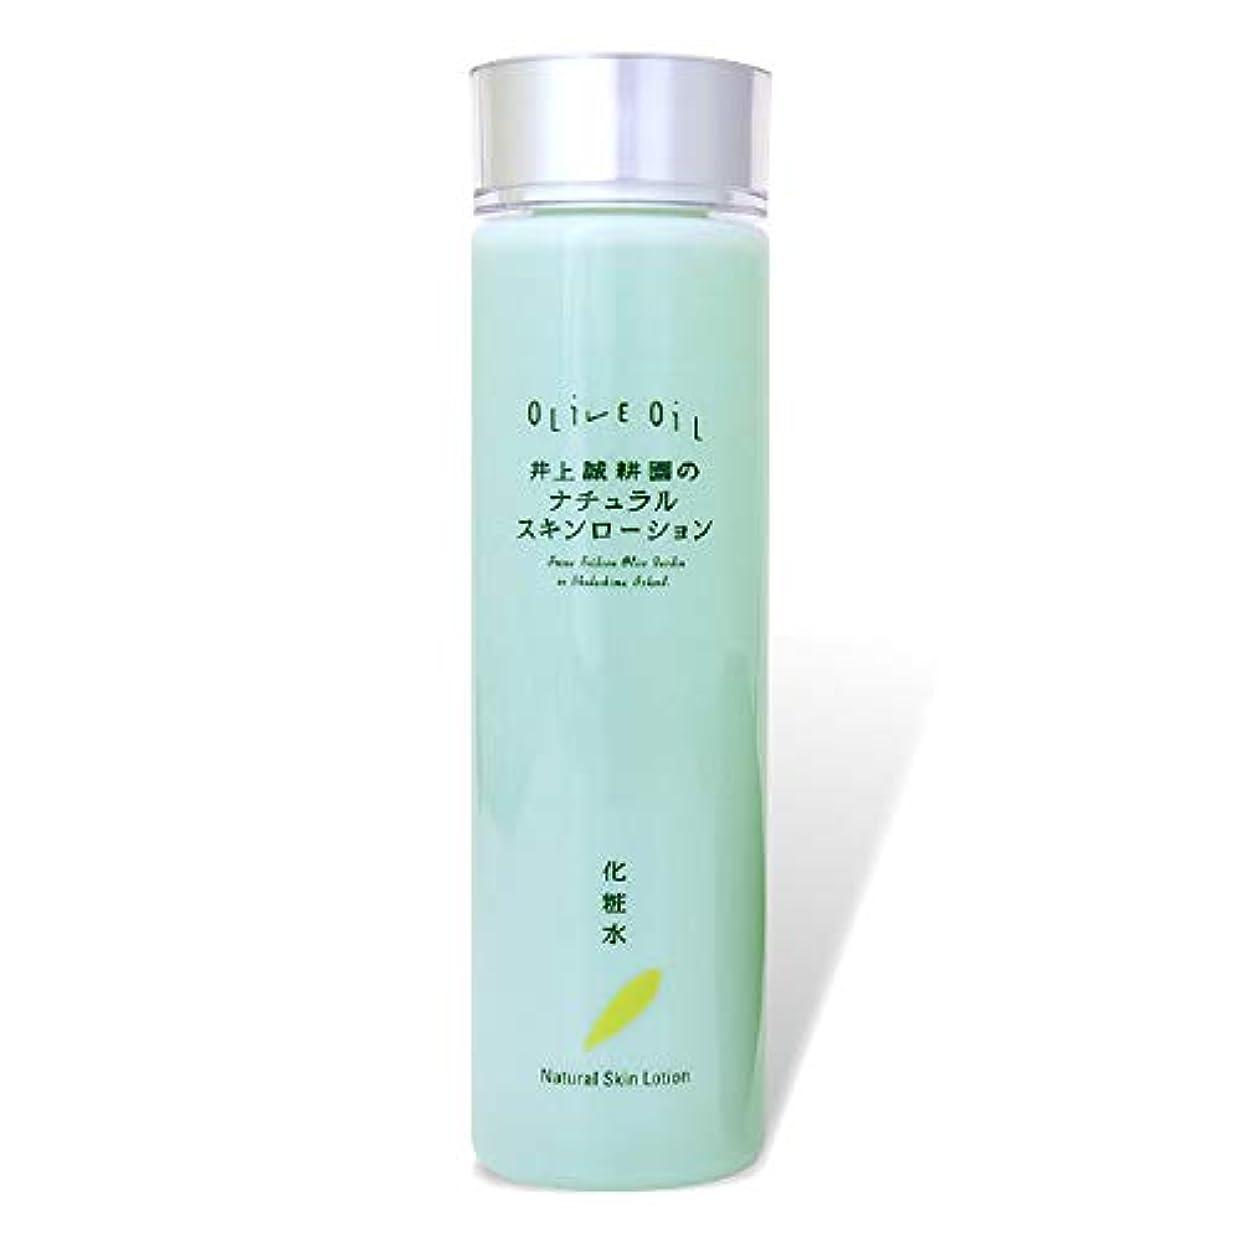 かもしれないおもしろい形状井上誠耕園 オリーブ化粧水(ナチュラルスキンローション)150mL ×1本